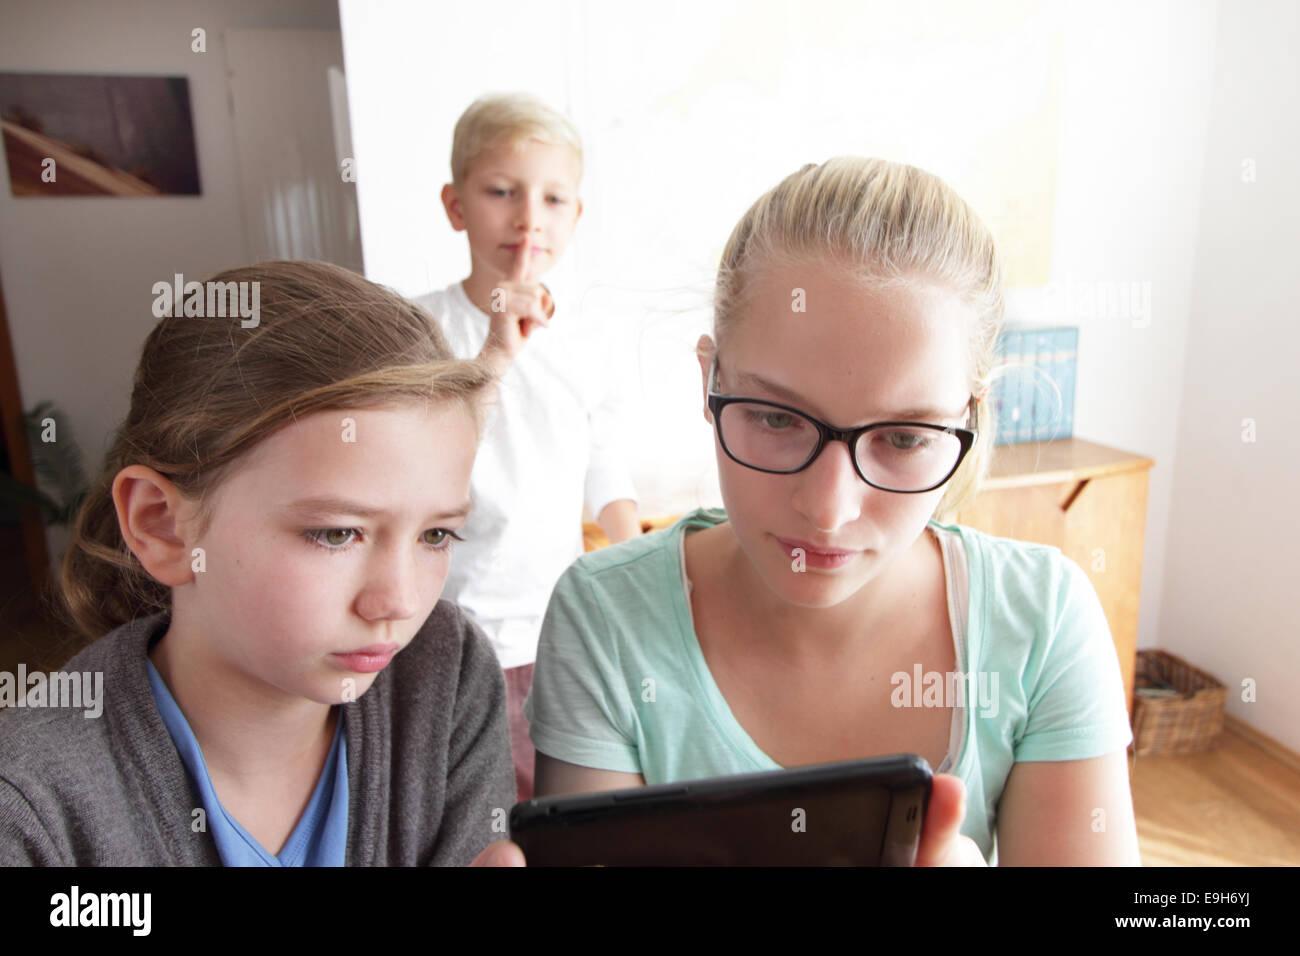 Les filles avec un smartphone, garçon les regarder, Bade-Wurtemberg, Allemagne Banque D'Images